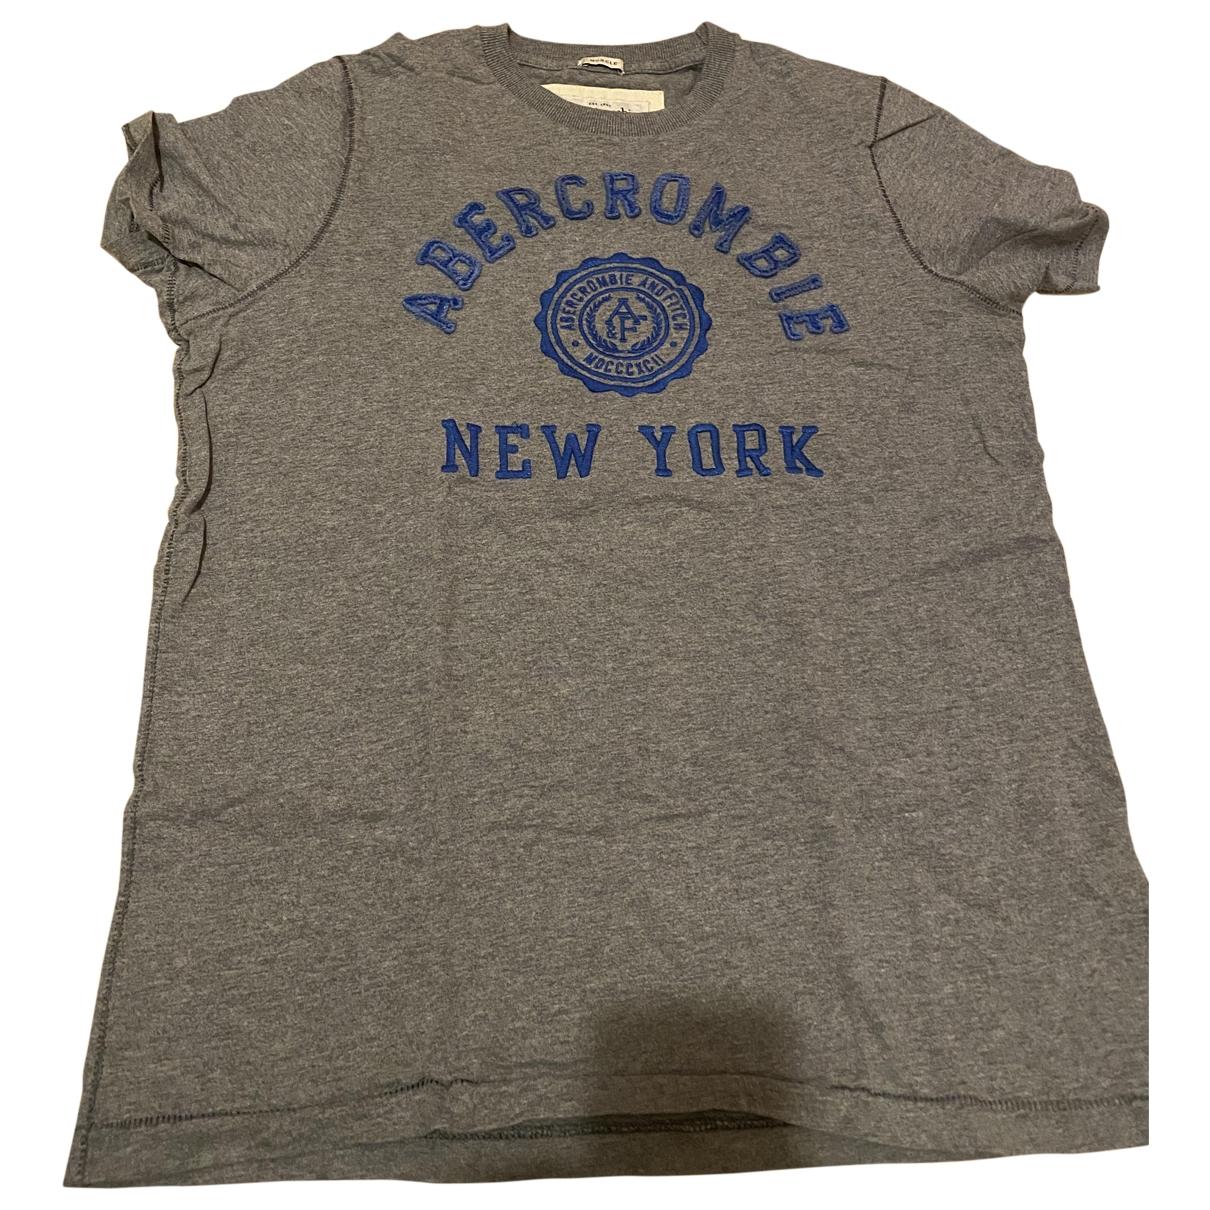 Abercrombie & Fitch - Tee shirts   pour homme en coton - gris